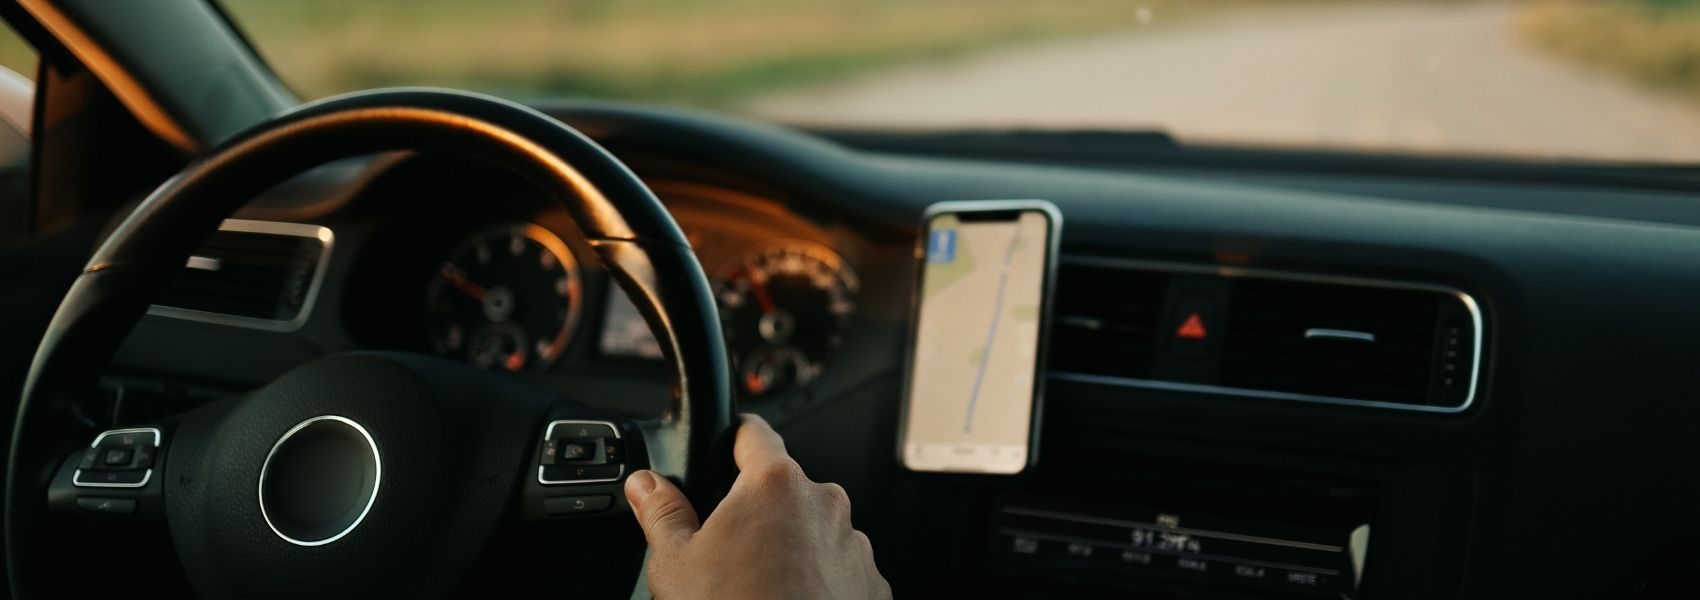 Verificar a aptidão para conduzir com doença cardíaca é essencial, defende especialista